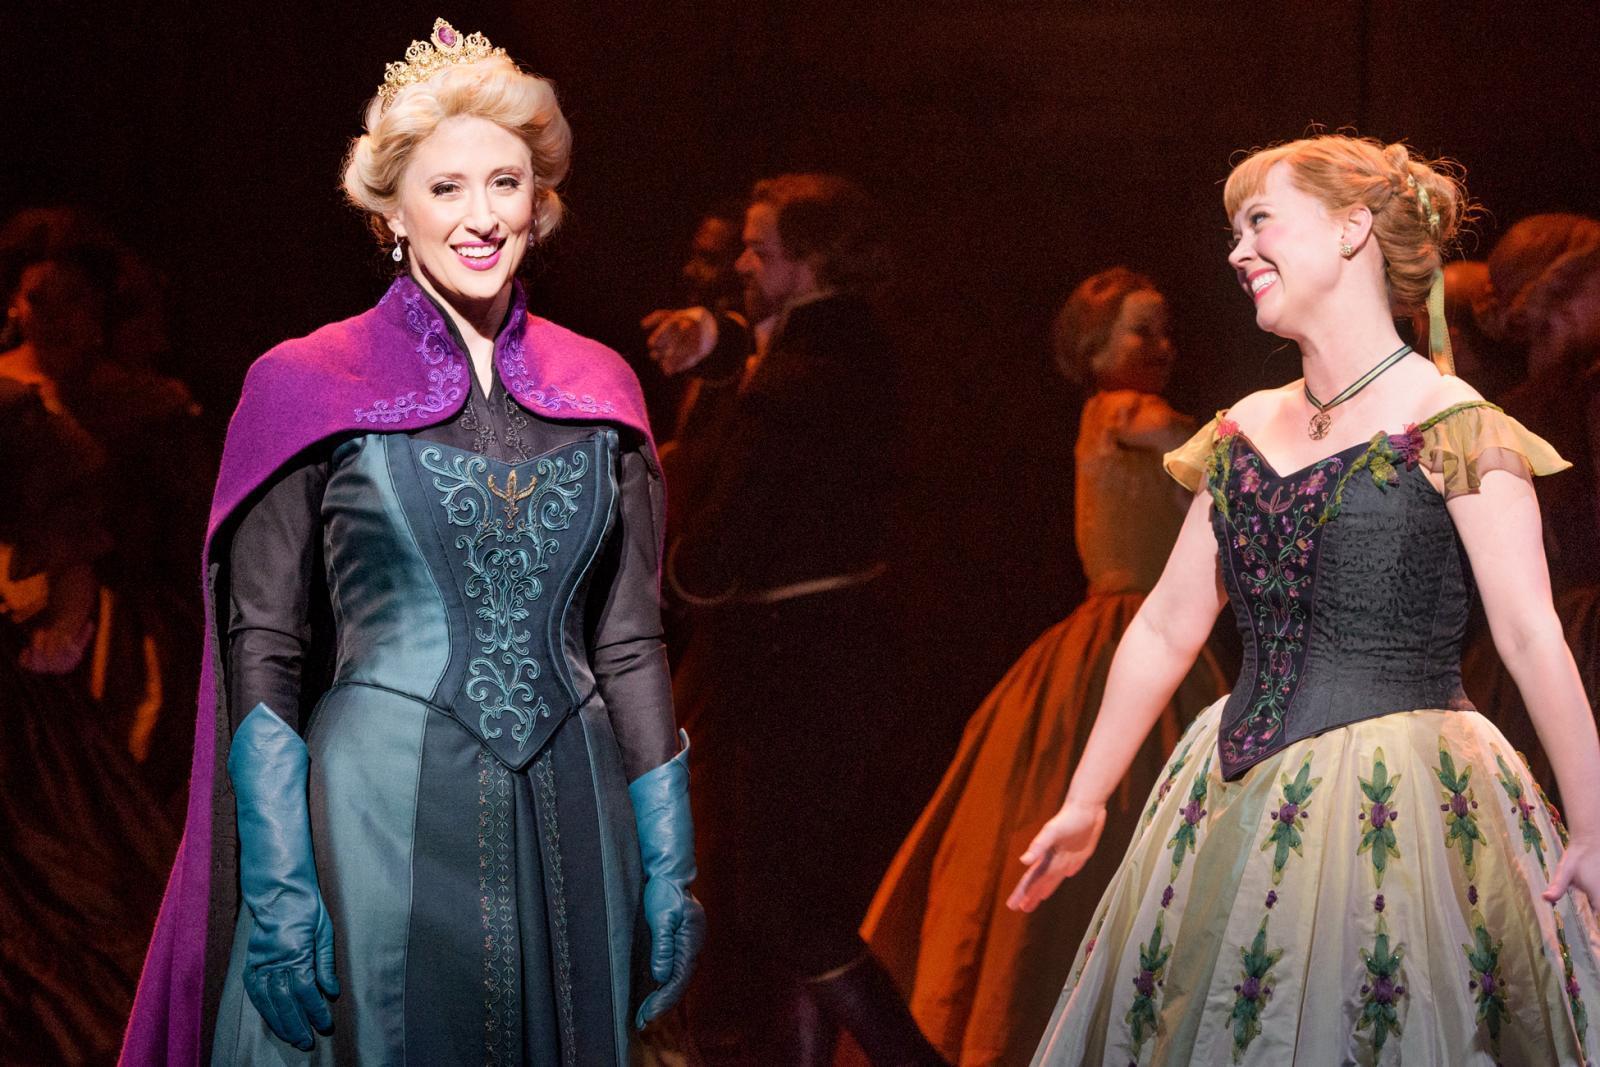 El Musical de Frozen en Nueva York